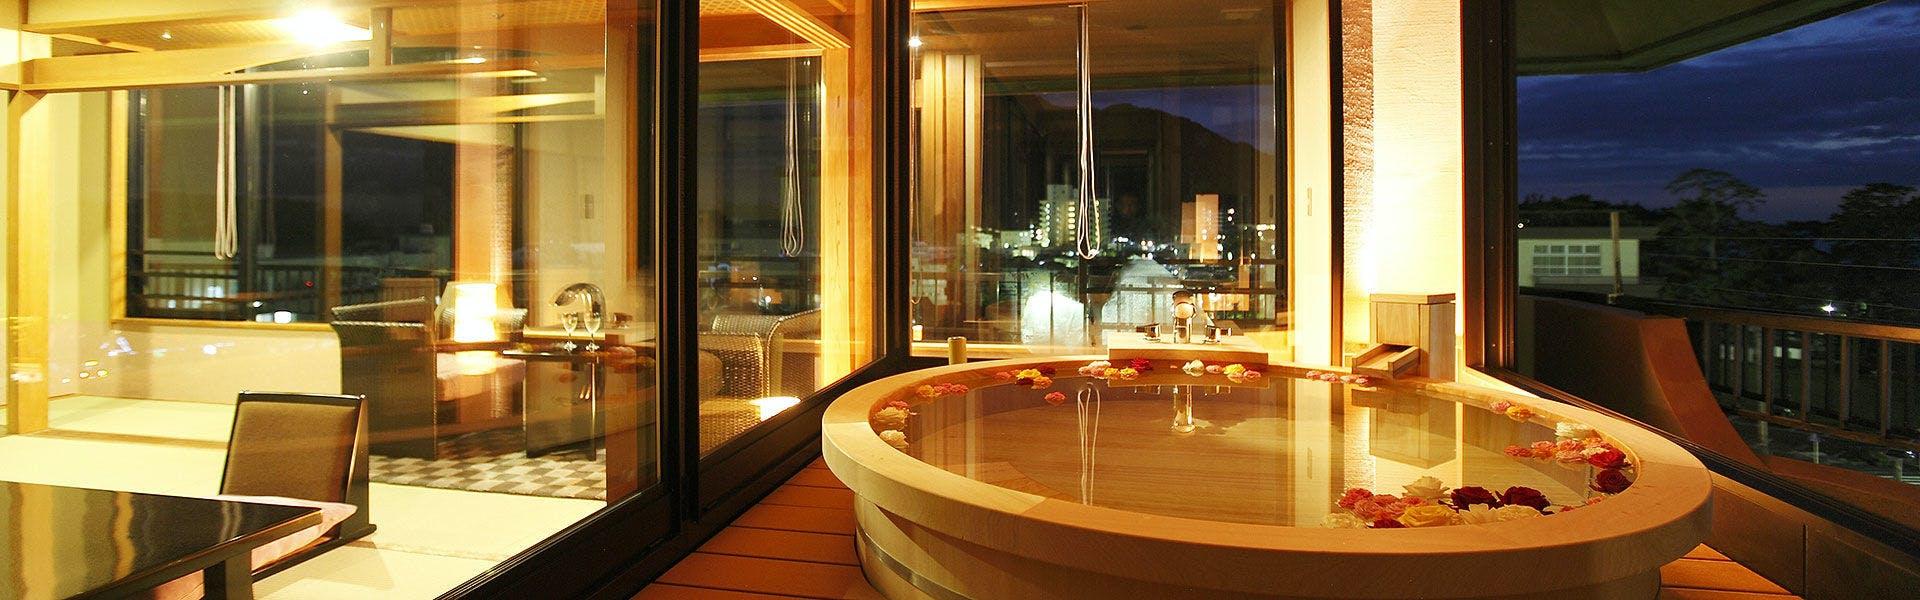 記念日におすすめのホテル・土肥ふじやホテルの写真1